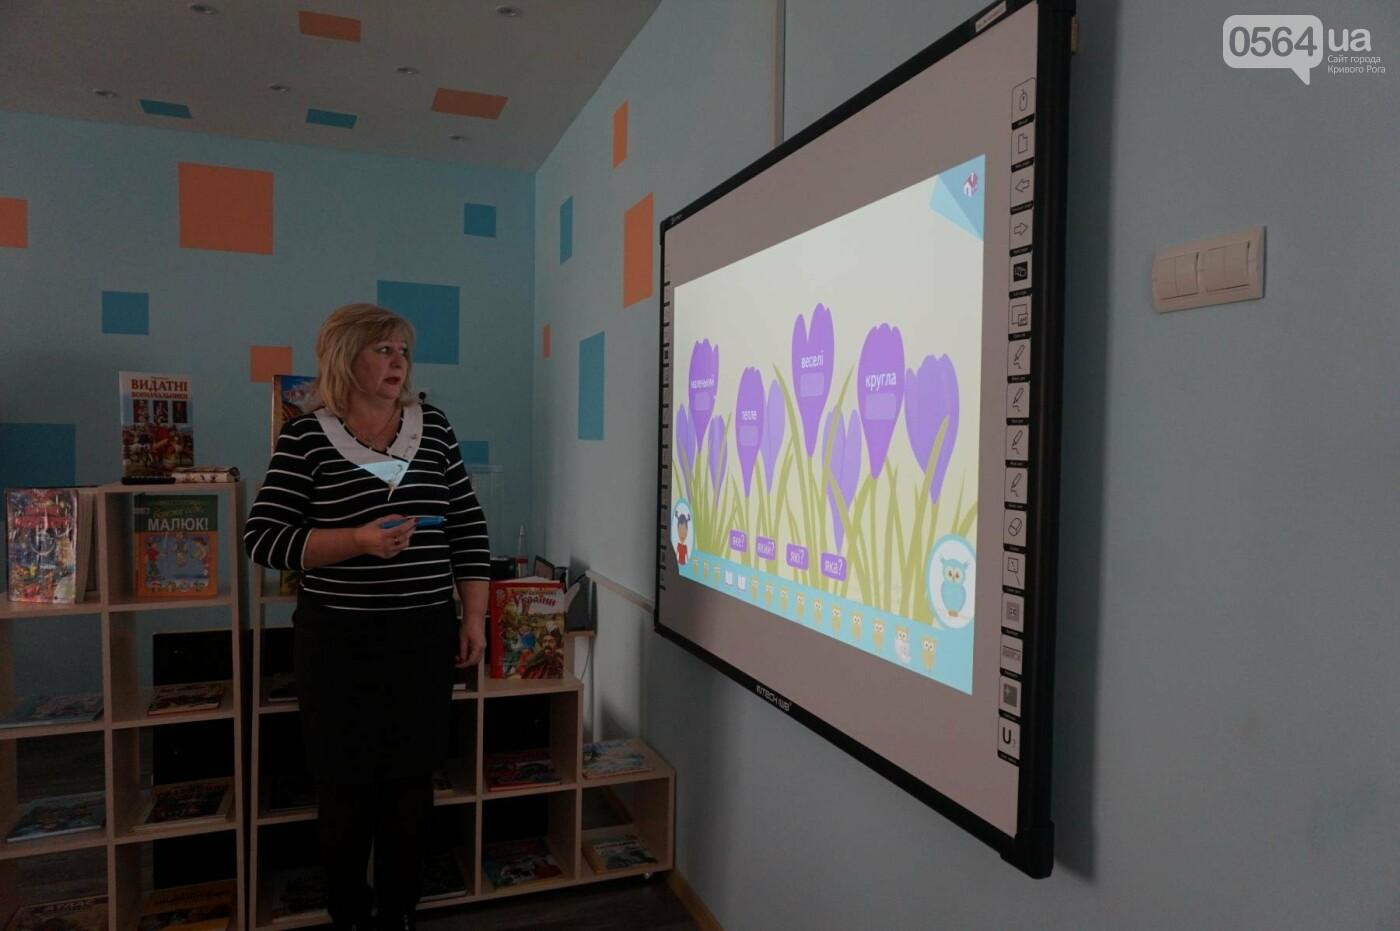 Приближаясь к Европе: Как в школах Кривого Рога внедряют инклюзию (ФОТО), фото-6